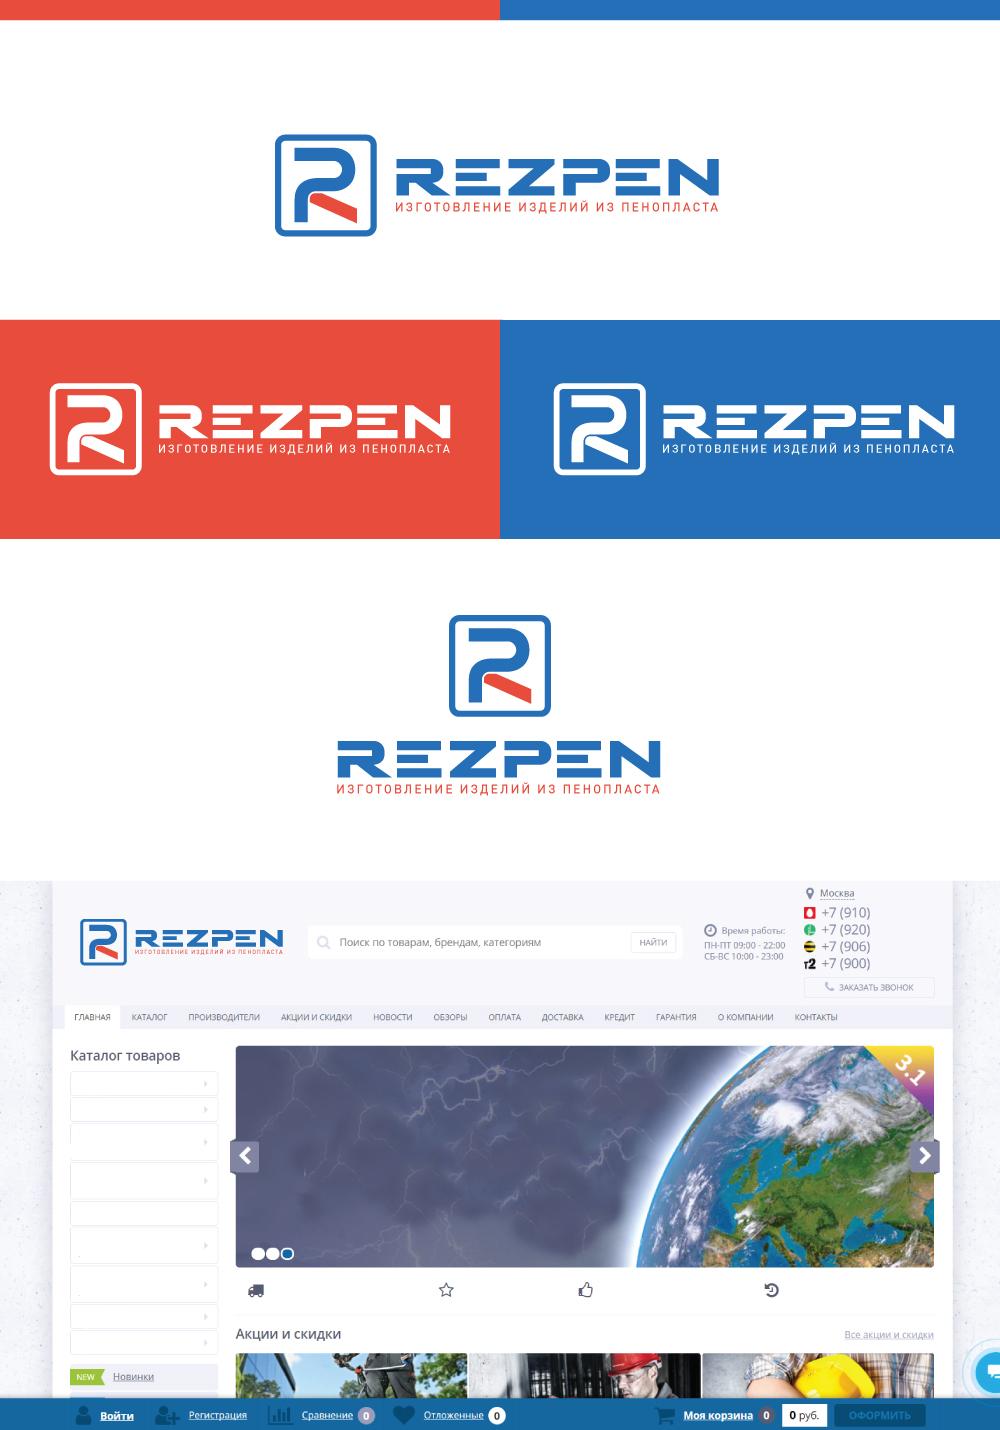 Редизайн логотипа фото f_2525a4e2257c655f.jpg